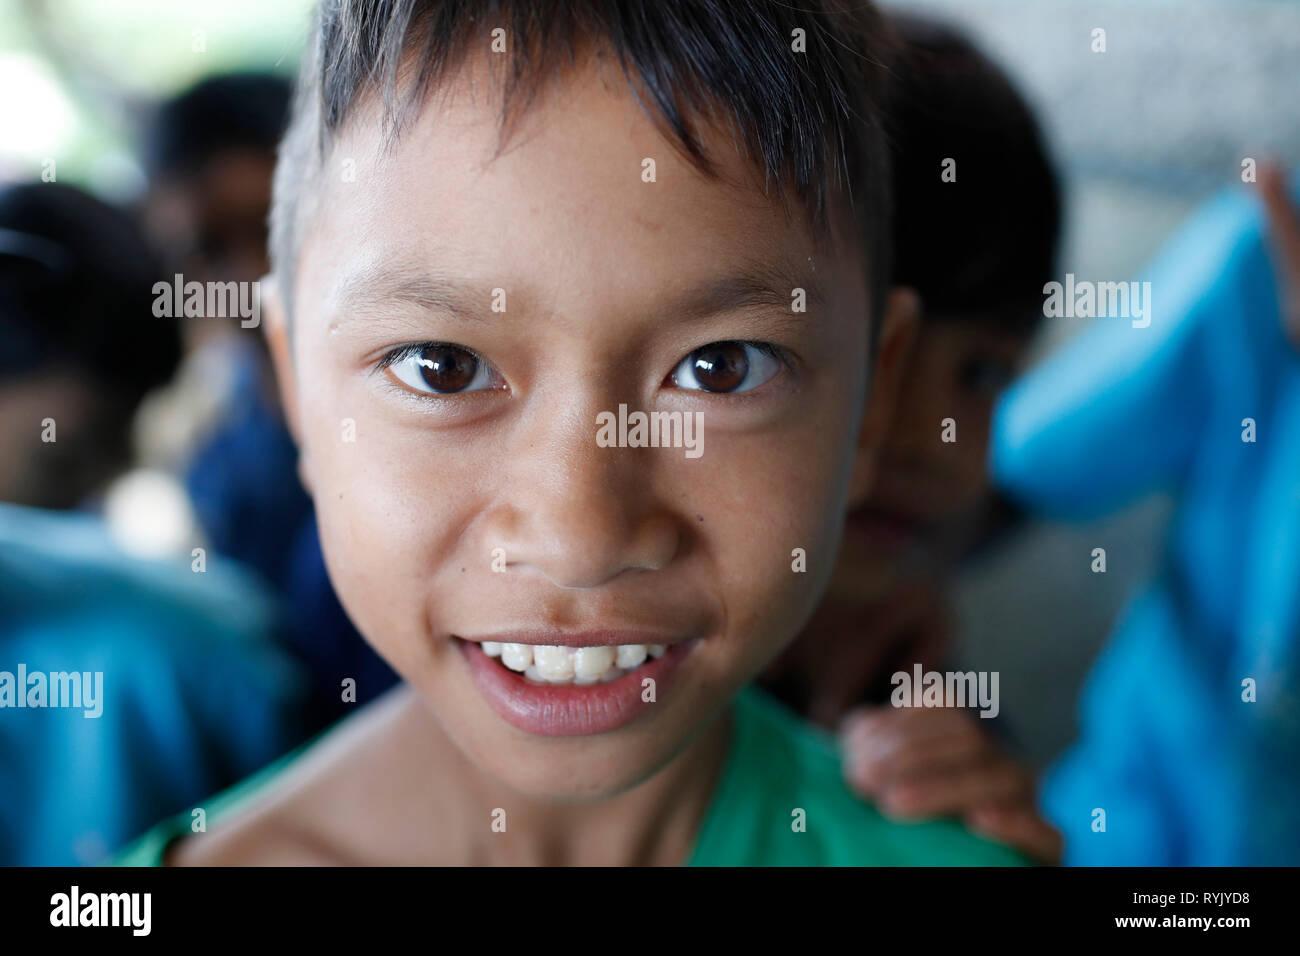 La minoranza etnica bambino. Dalat. Il Vietnam. Immagini Stock